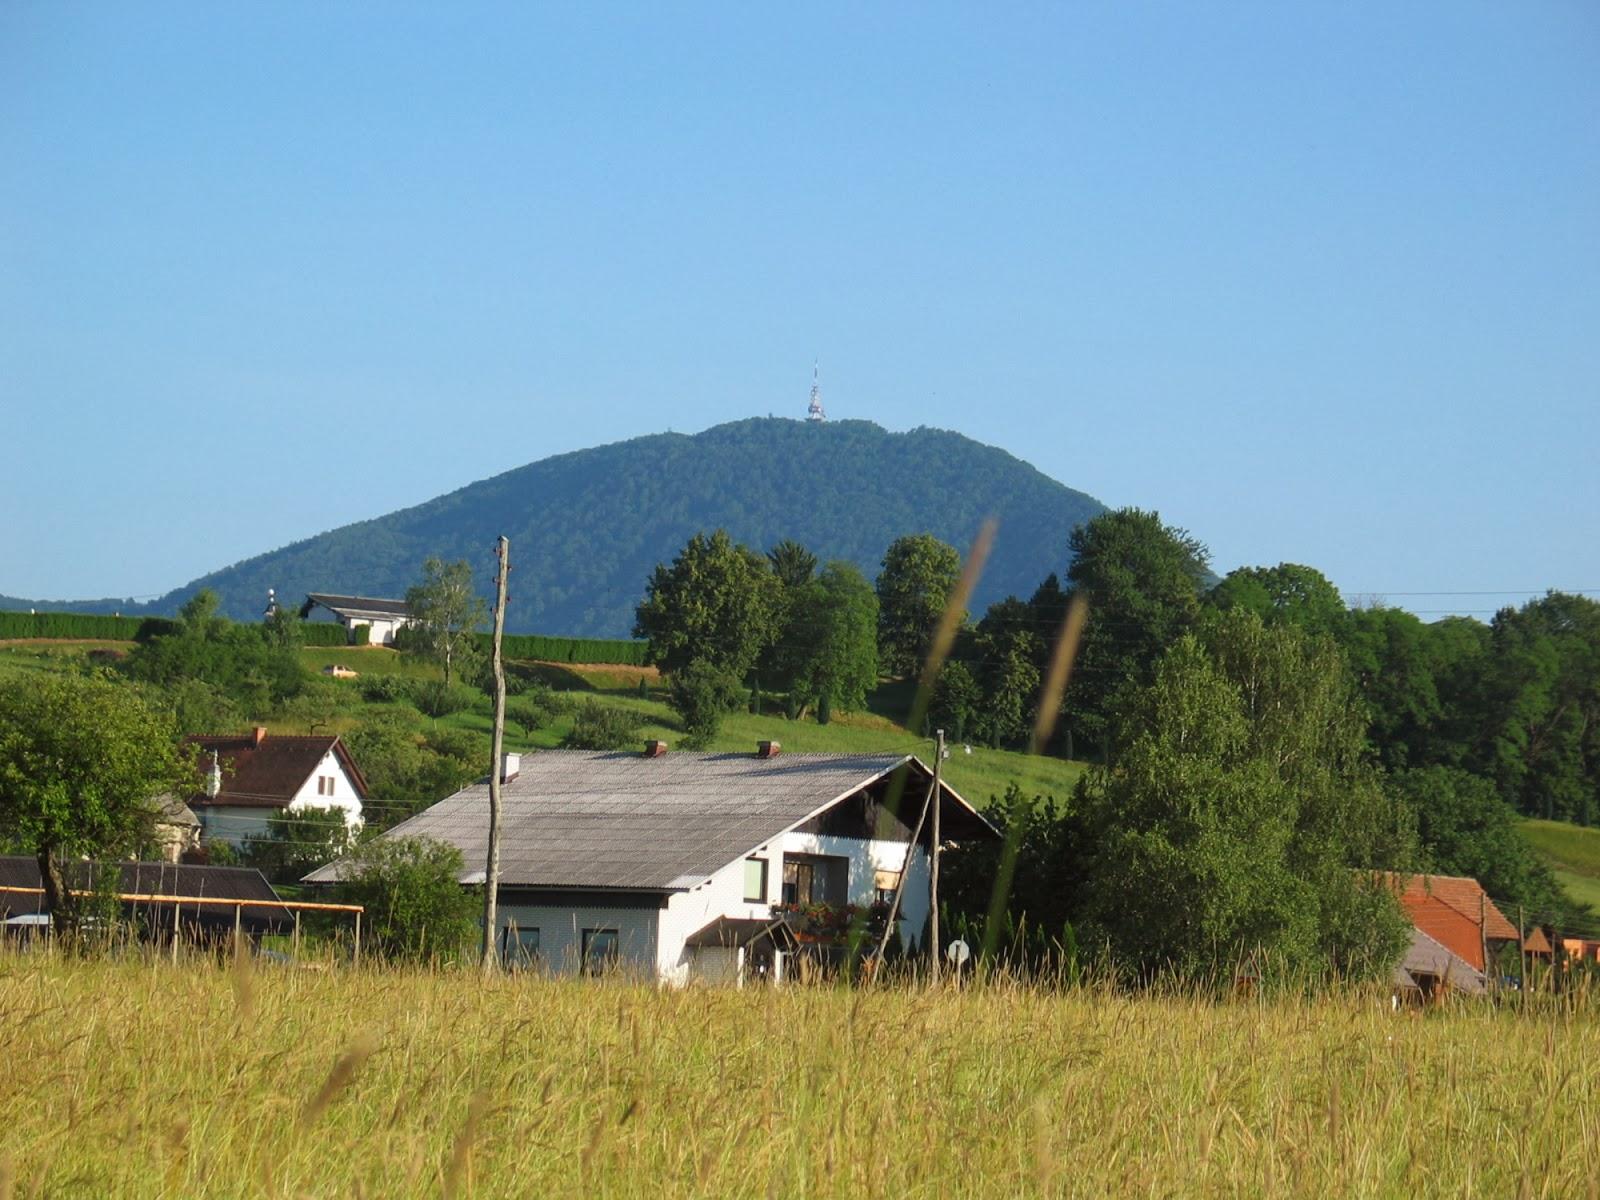 Mnogoboj, Slovenska Bistrica - Mnogoboj%2B2005%2B051.jpg